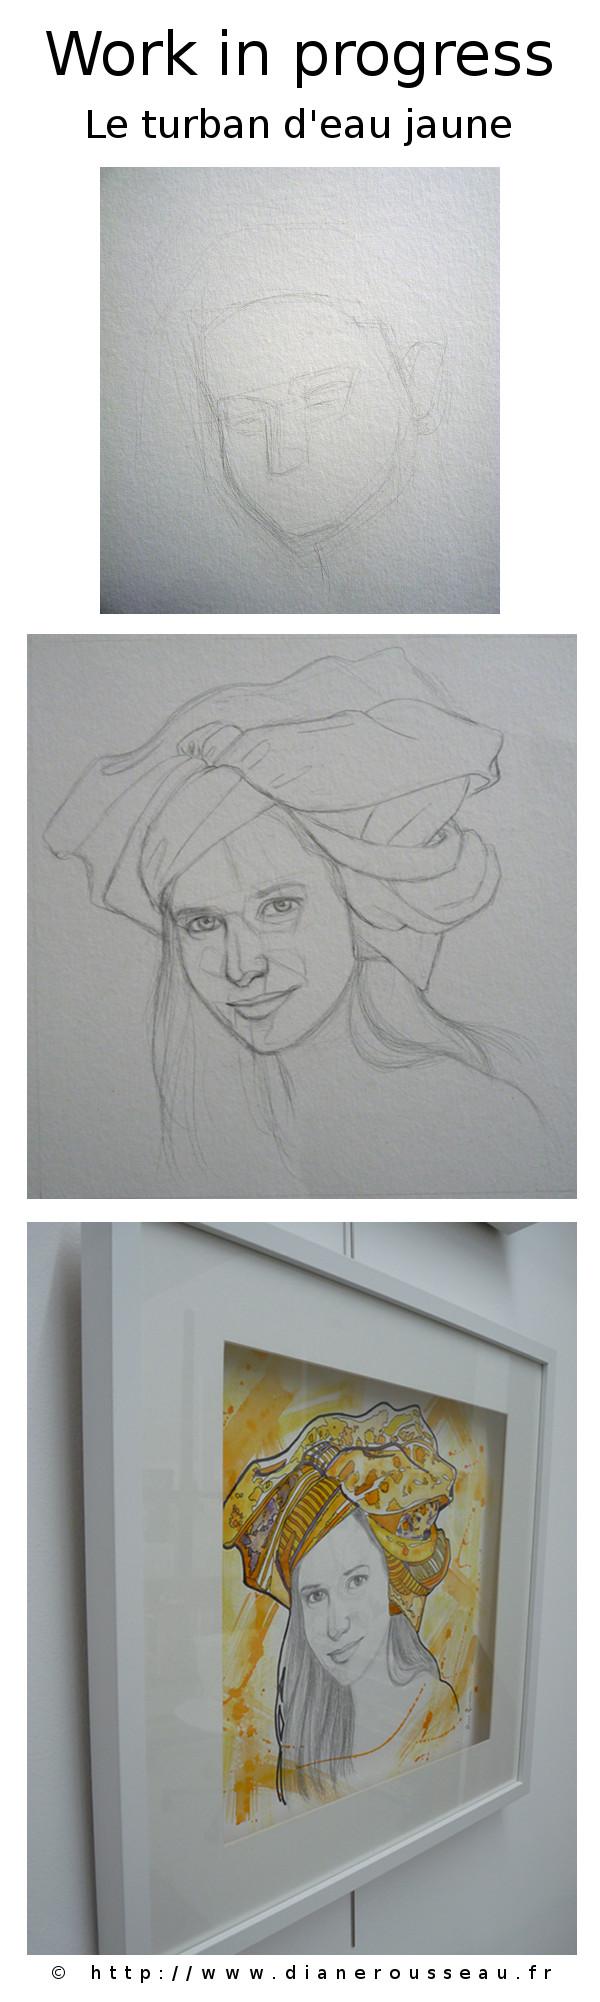 Le turban d'eau jaune, Diane Rousseau